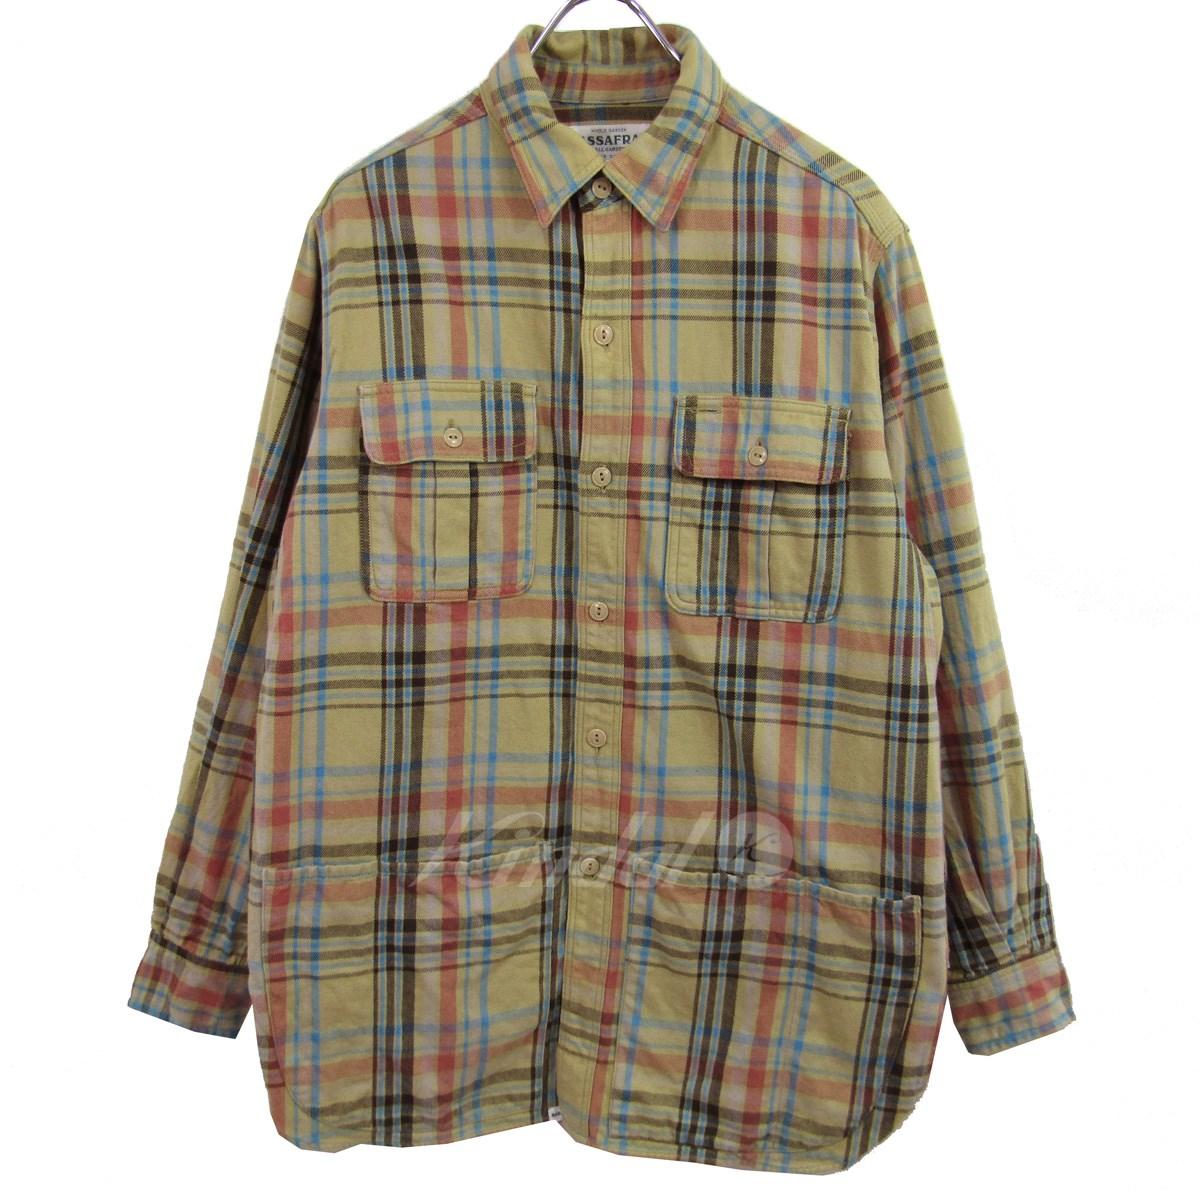 【中古】SASSAFRAS BOTANICAL SCOUT APRON SHIRT 長袖チェックシャツ ベージュ サイズ:S 【280219】(ササフラス)